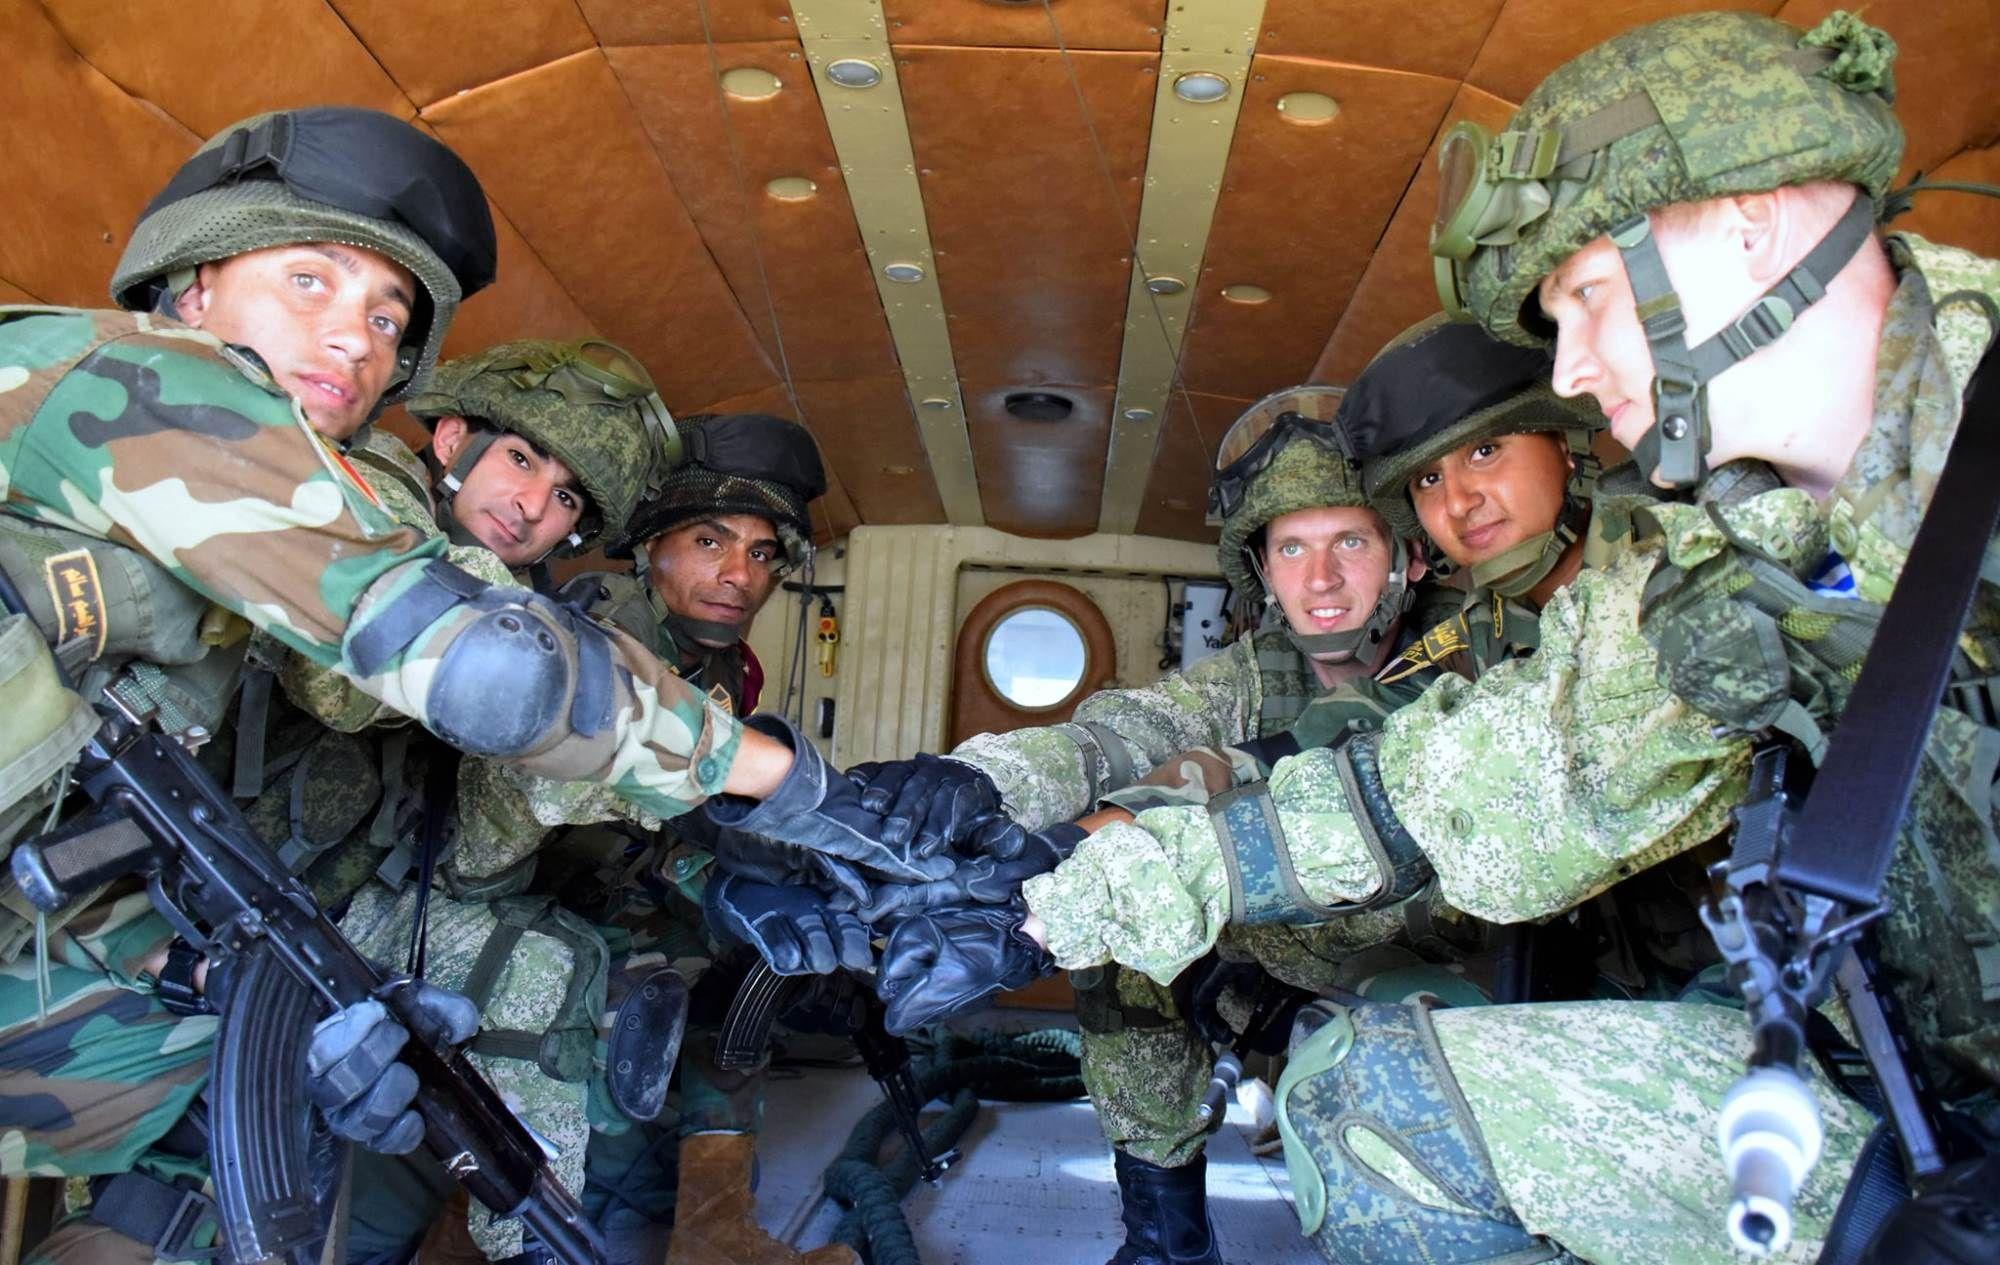 بالصور والفيديو... إستمرار فعاليات التدريب المصرى الروسى المشترك